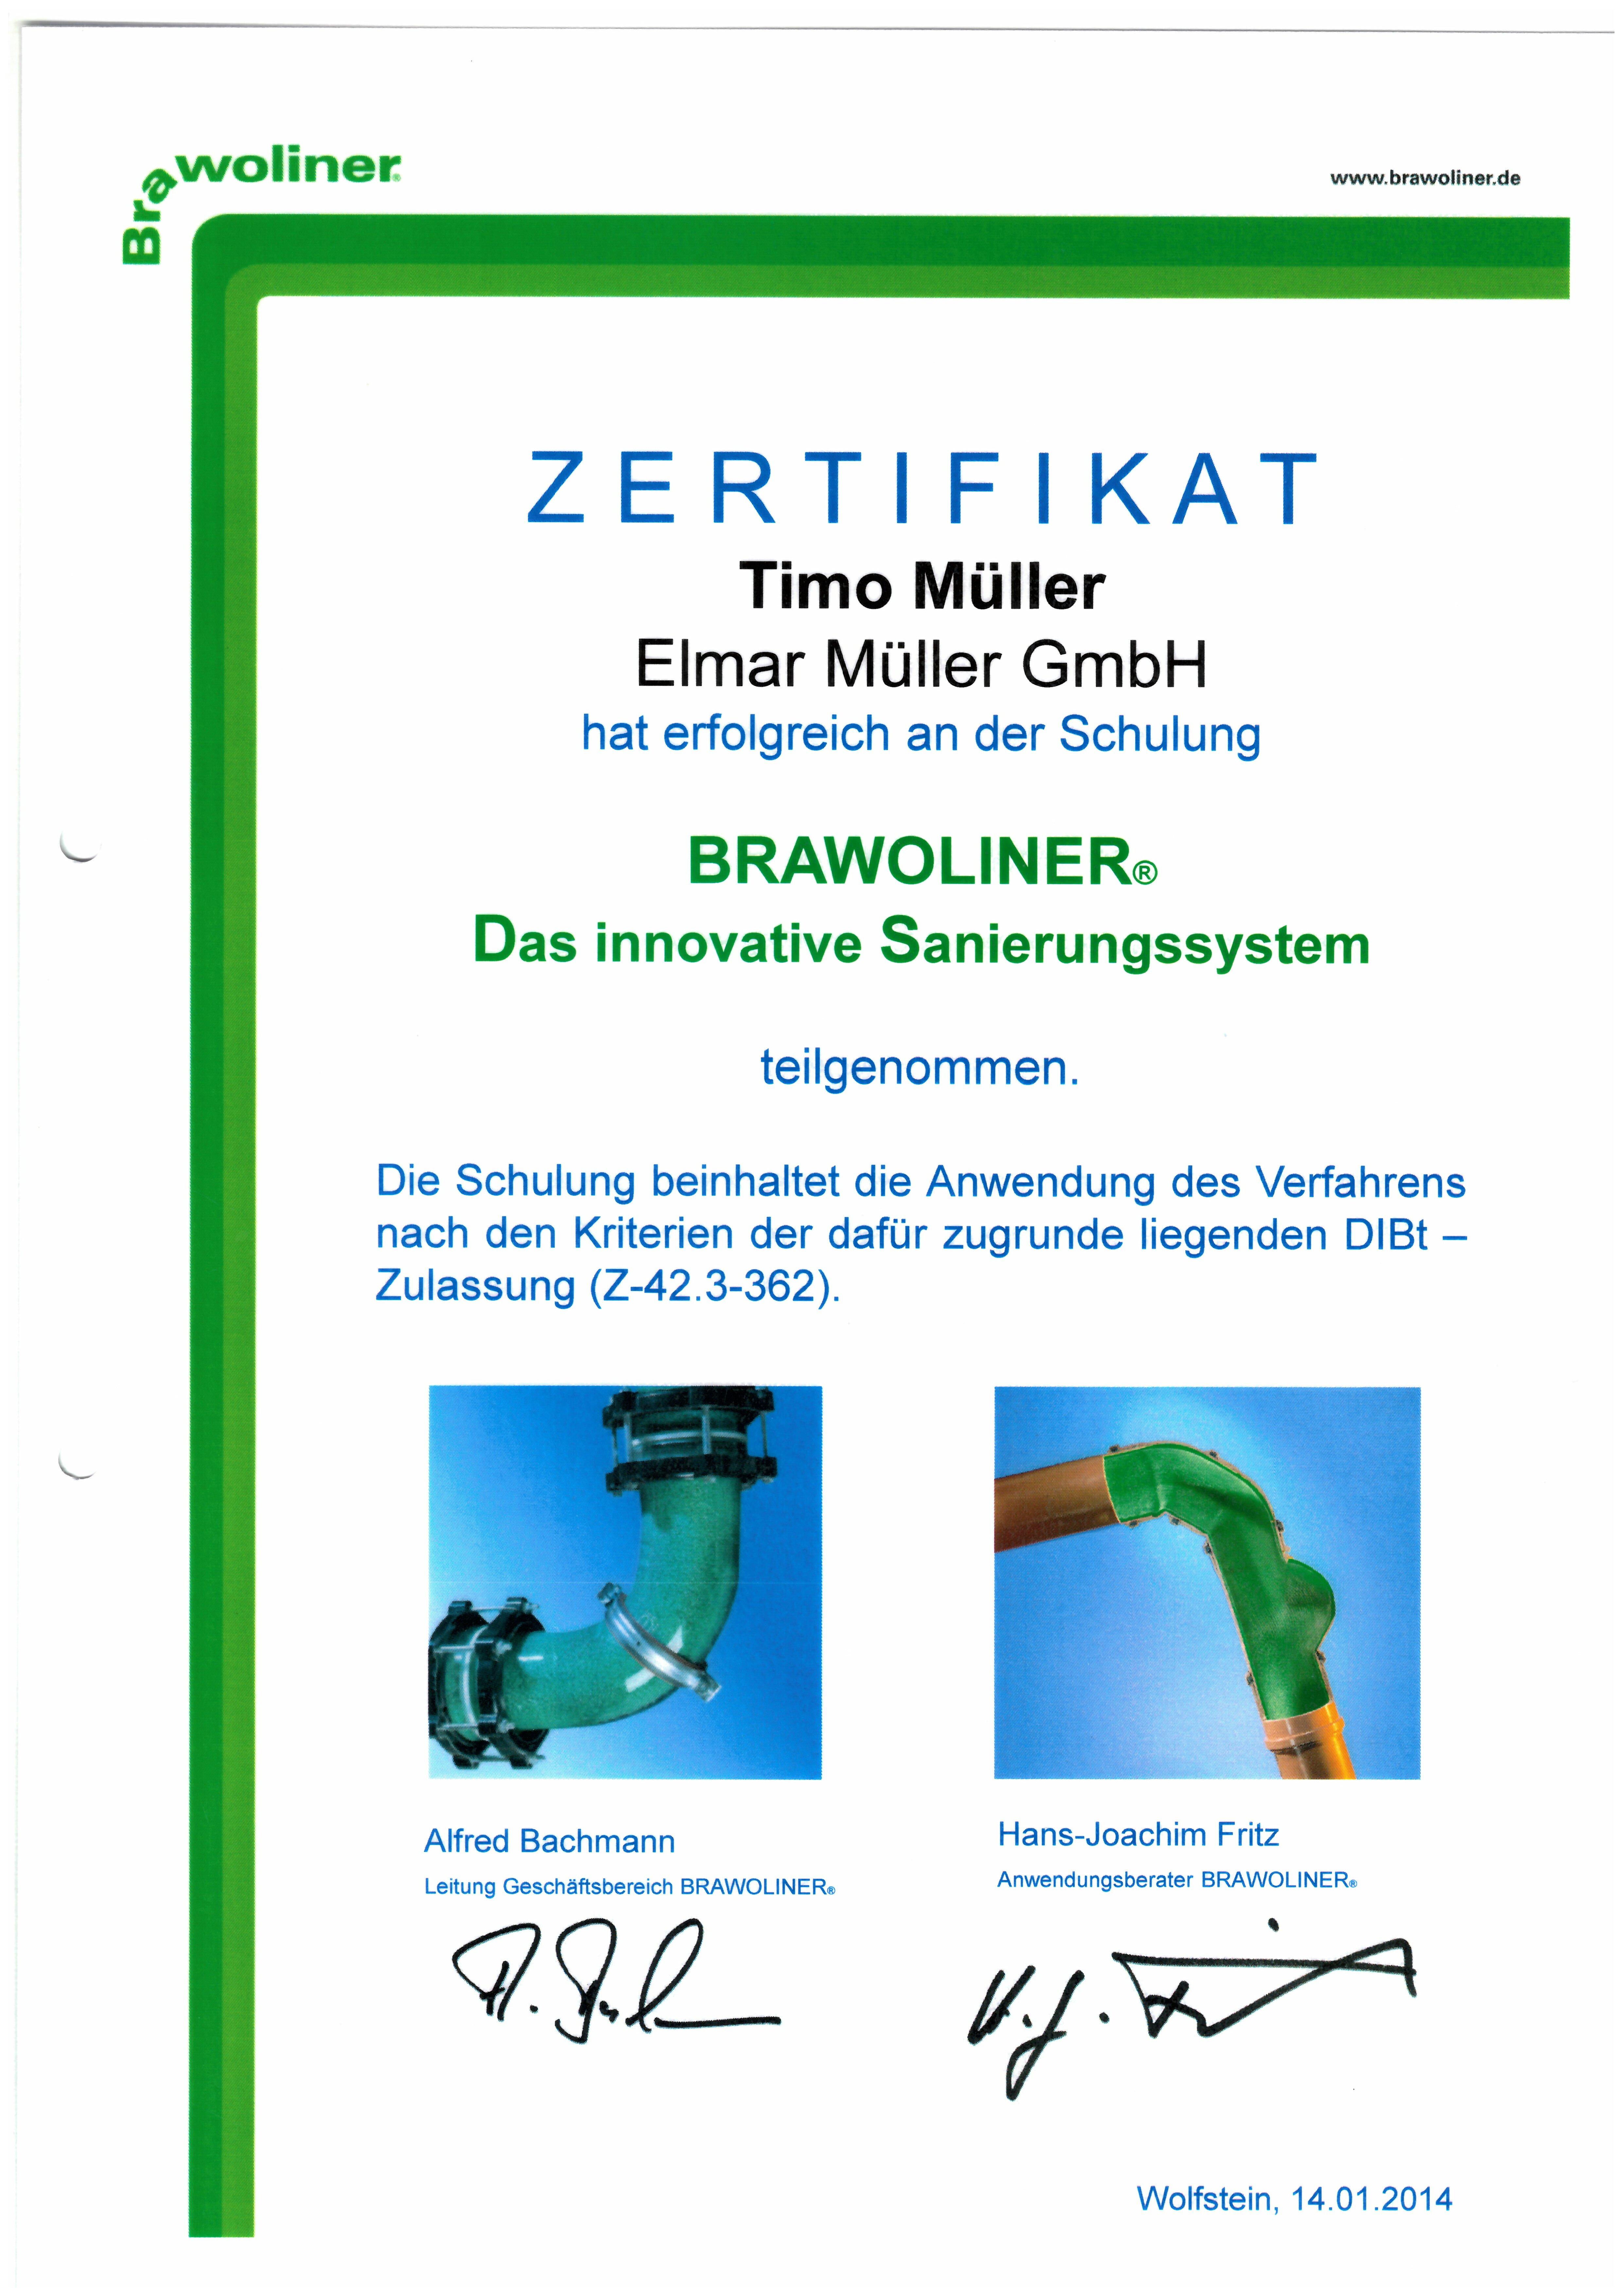 Zertifikat - Brawoliner das innovative Sanierungssystem - T. Müller